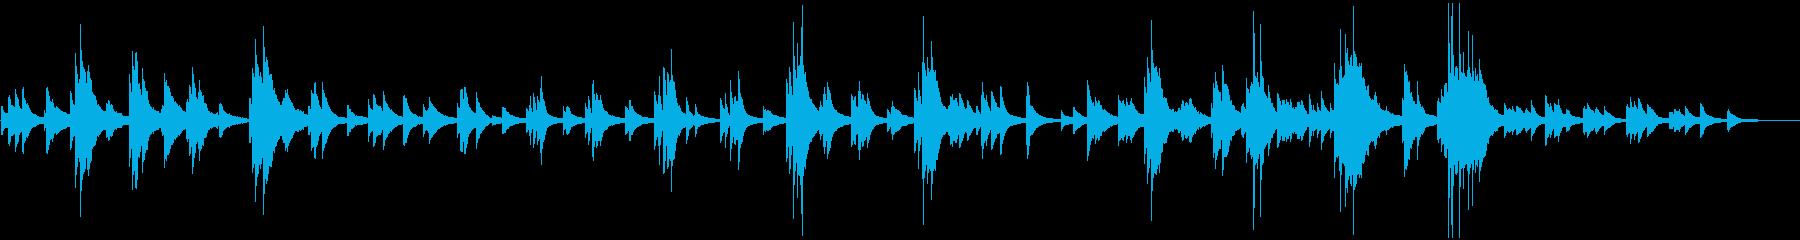 心休まるピアノリラクゼーションBGMの再生済みの波形